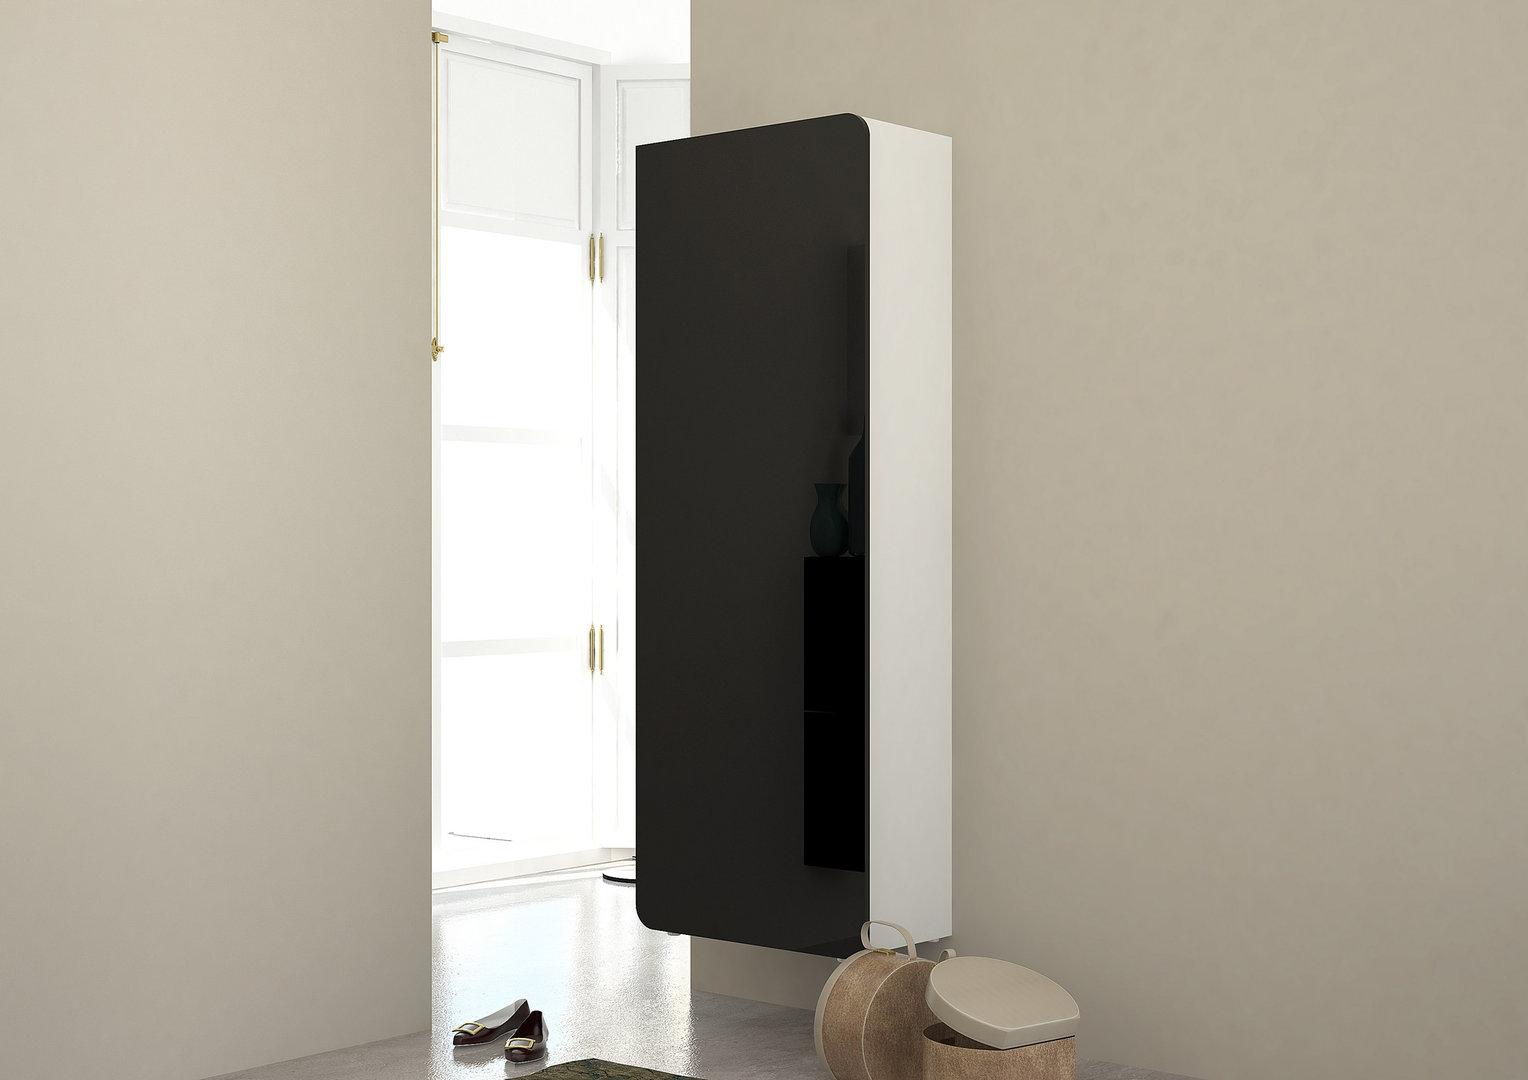 Guardaroba moderno Vita, mobile per ingresso, entrata, corridoio